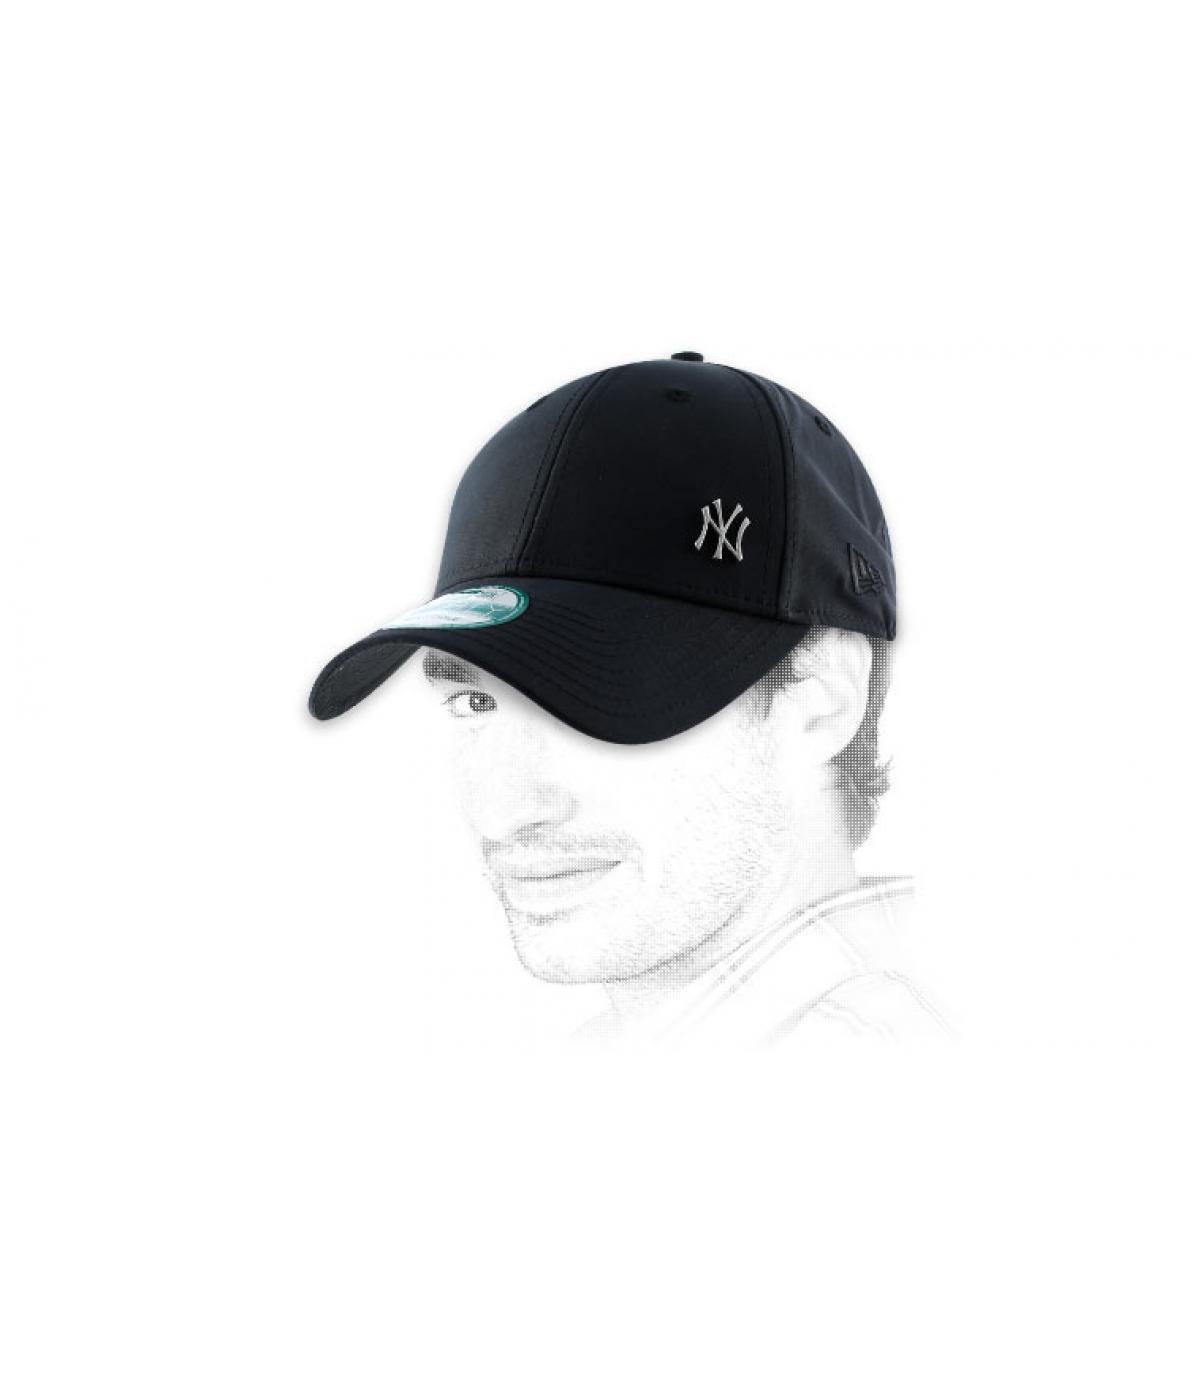 Black cap tiny NY logo